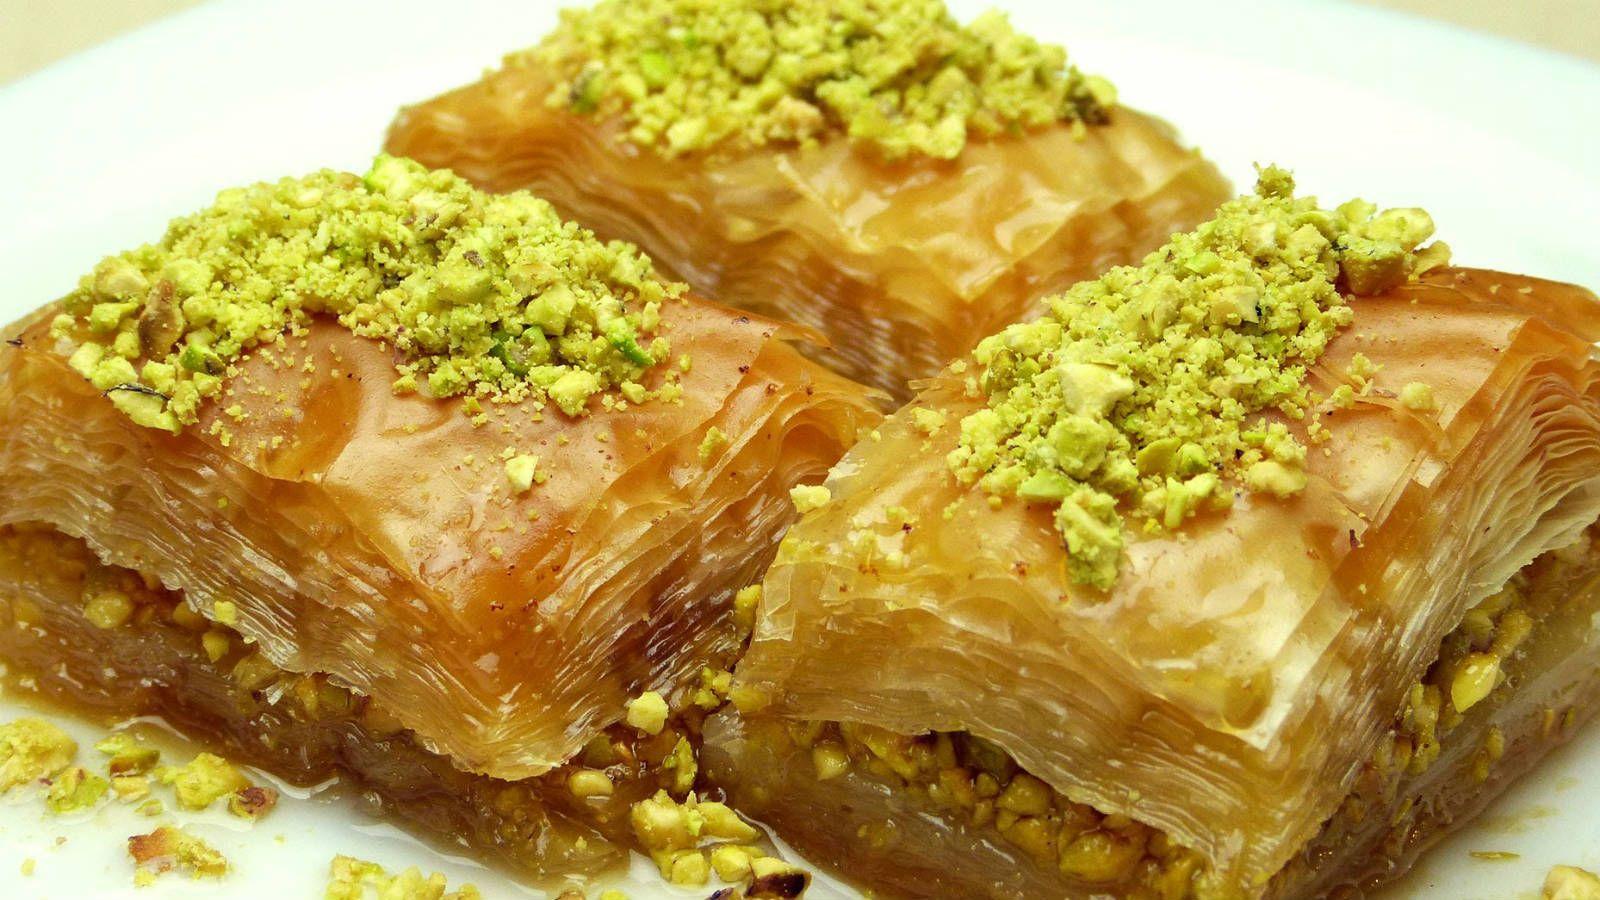 турецкие сладости рецепты с фотографиями пришли